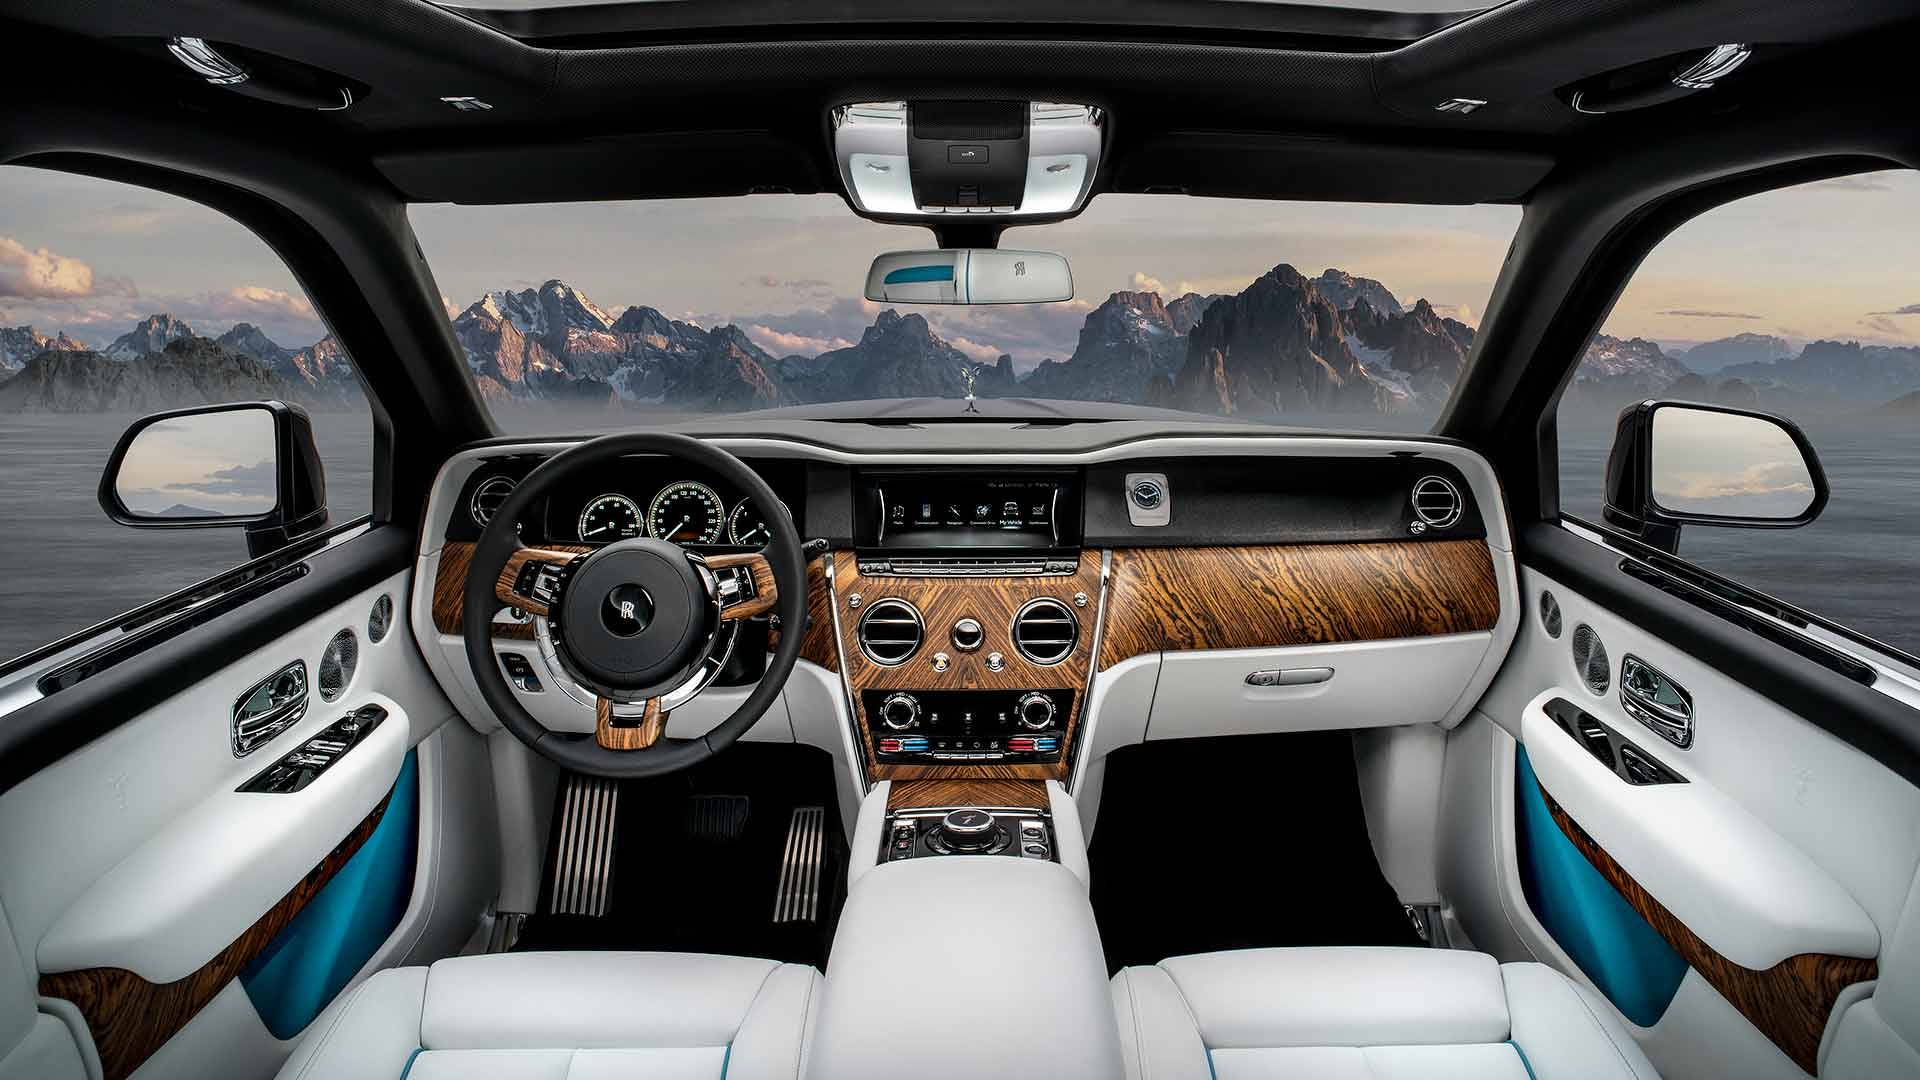 رولز رویس کالینان Rolls Royce Cullinan معرفی شد